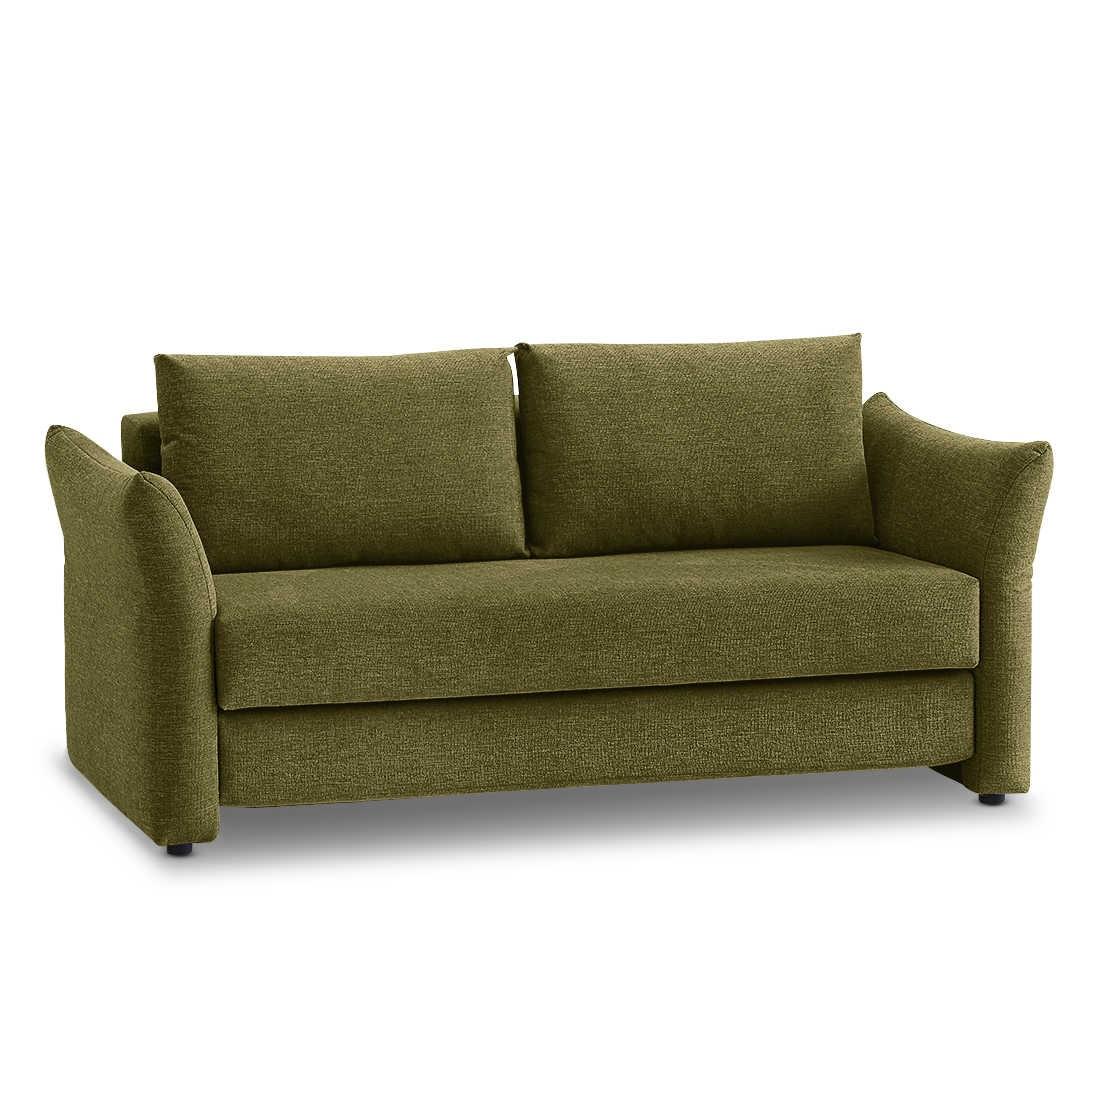 franz fertig schlafsofa loris gr n stoff 166 cm online kaufen bei woonio. Black Bedroom Furniture Sets. Home Design Ideas